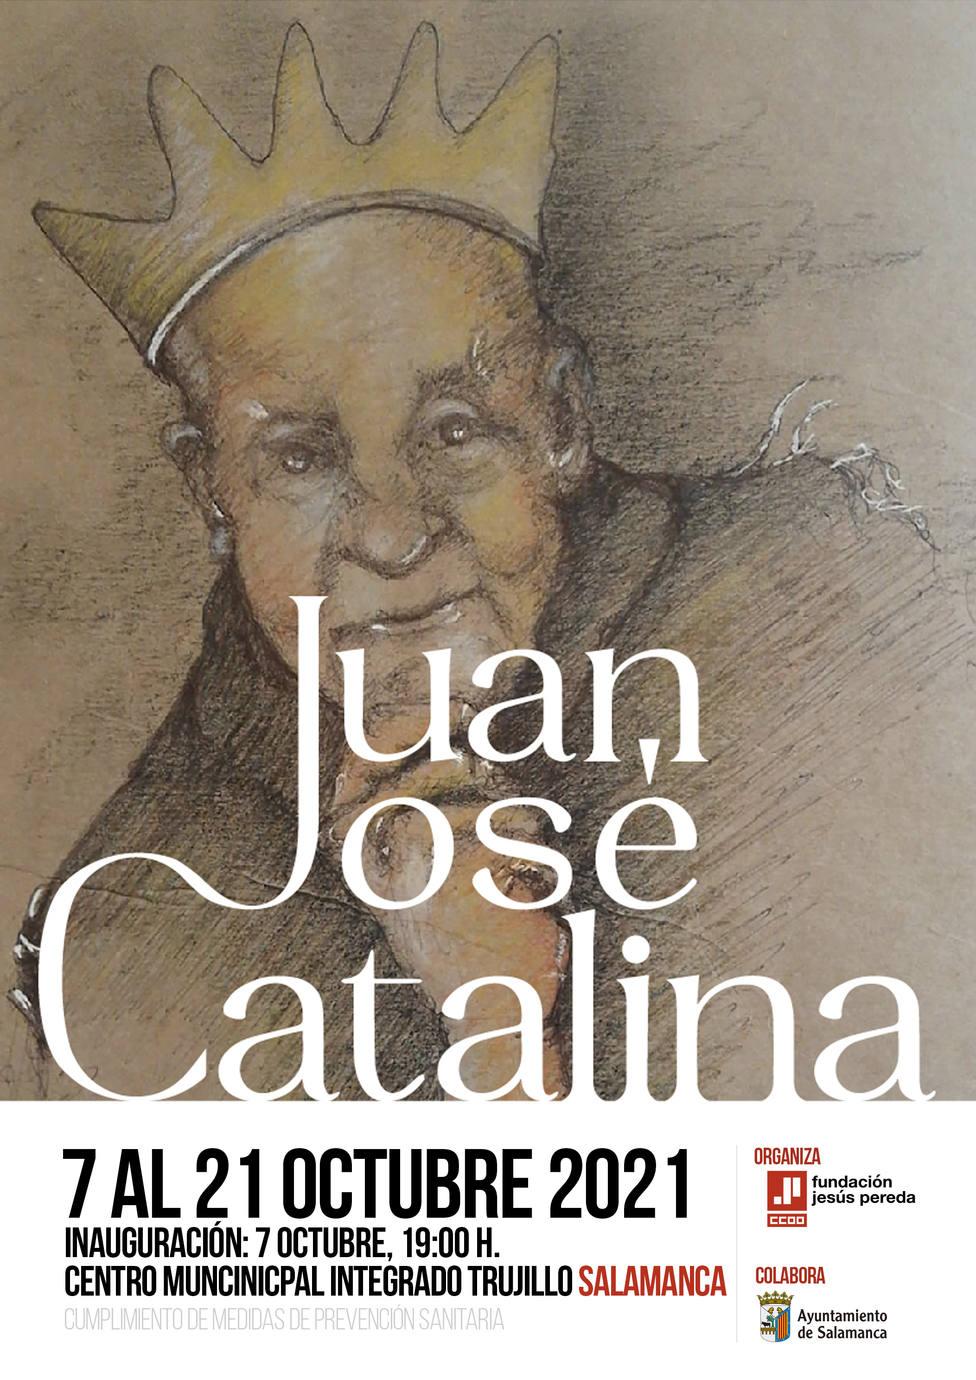 La presentación de la exposición a la que asistirá el autor será hoy 7 de octubre a las 19.00 horas